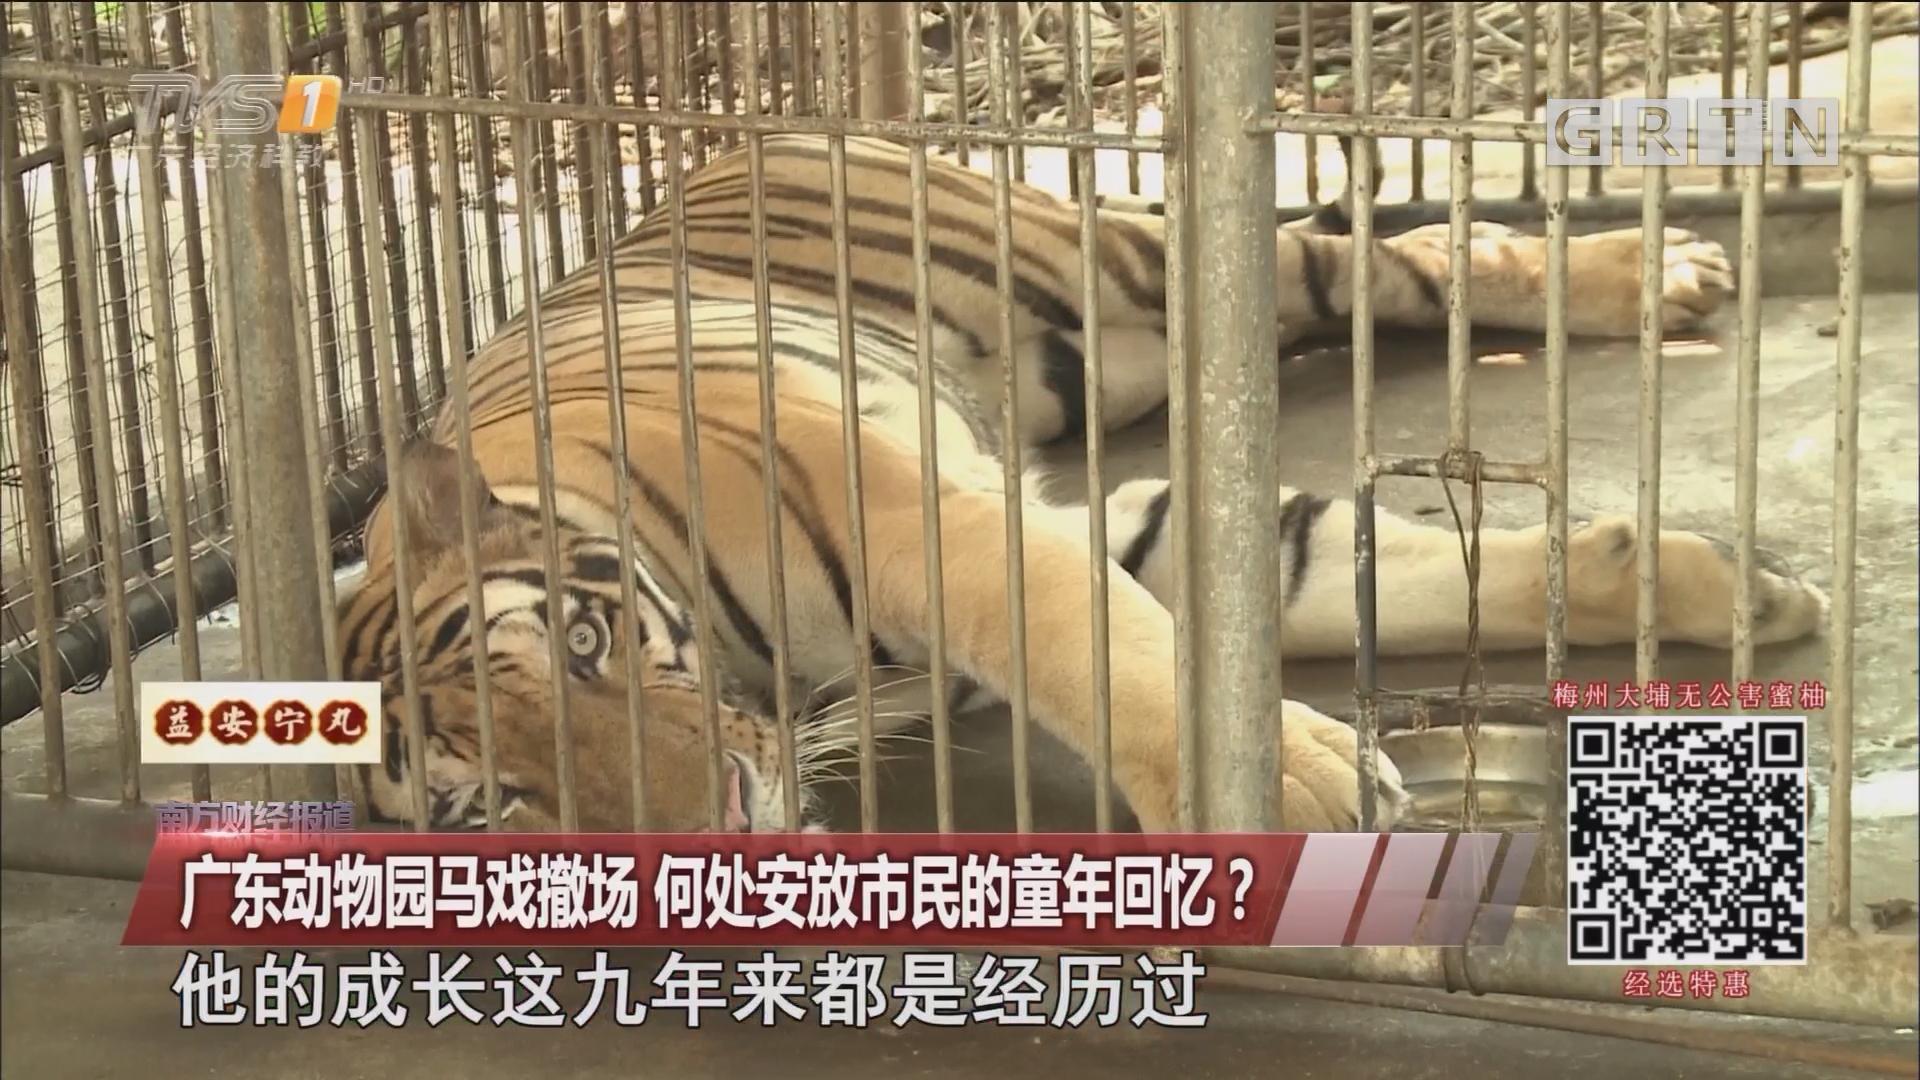 广东动物园马戏撤场 何处安放市民的童年回忆?